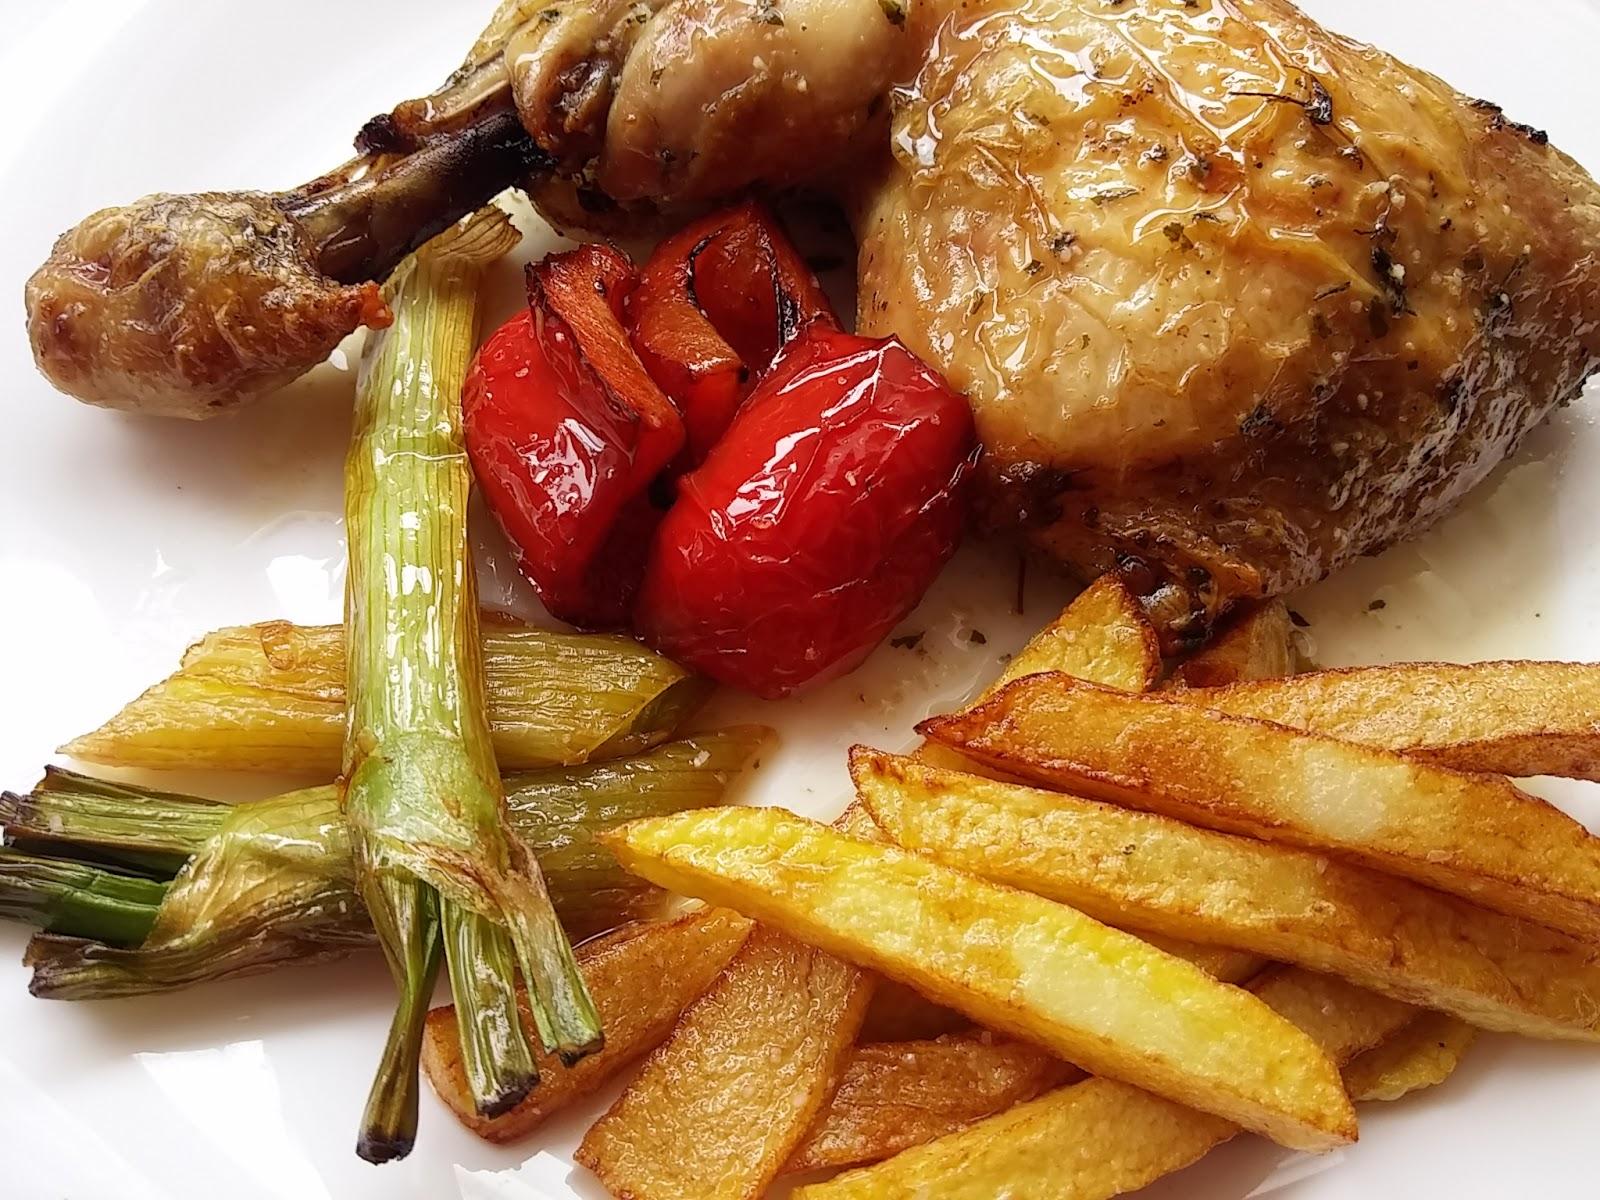 Las recetas de mi cocina: Cuartos de pollo con mantequilla al horno